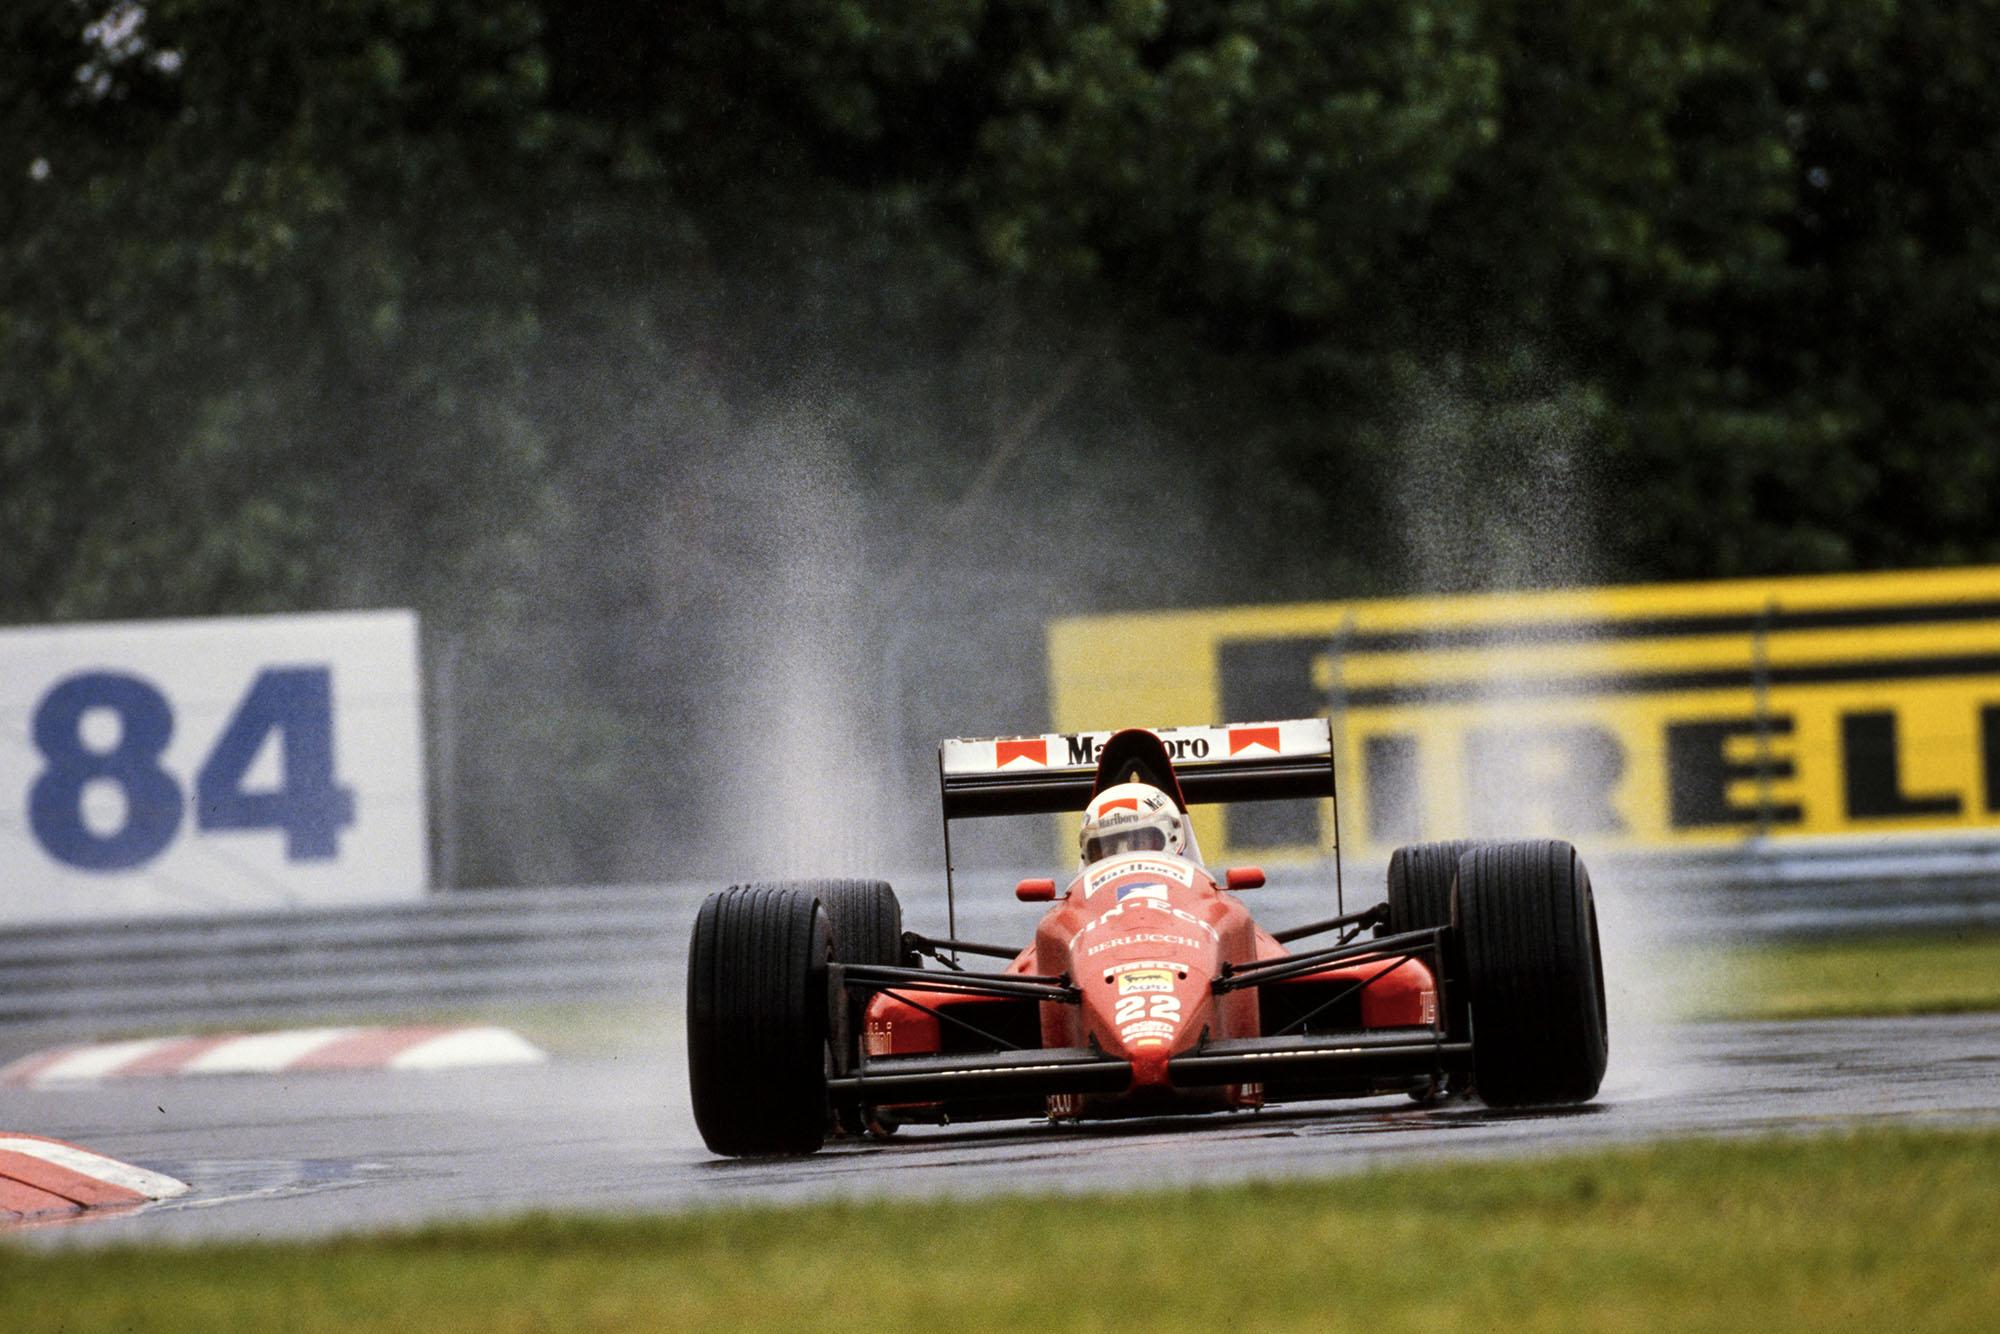 1989 CAN GP Alboreto3rd